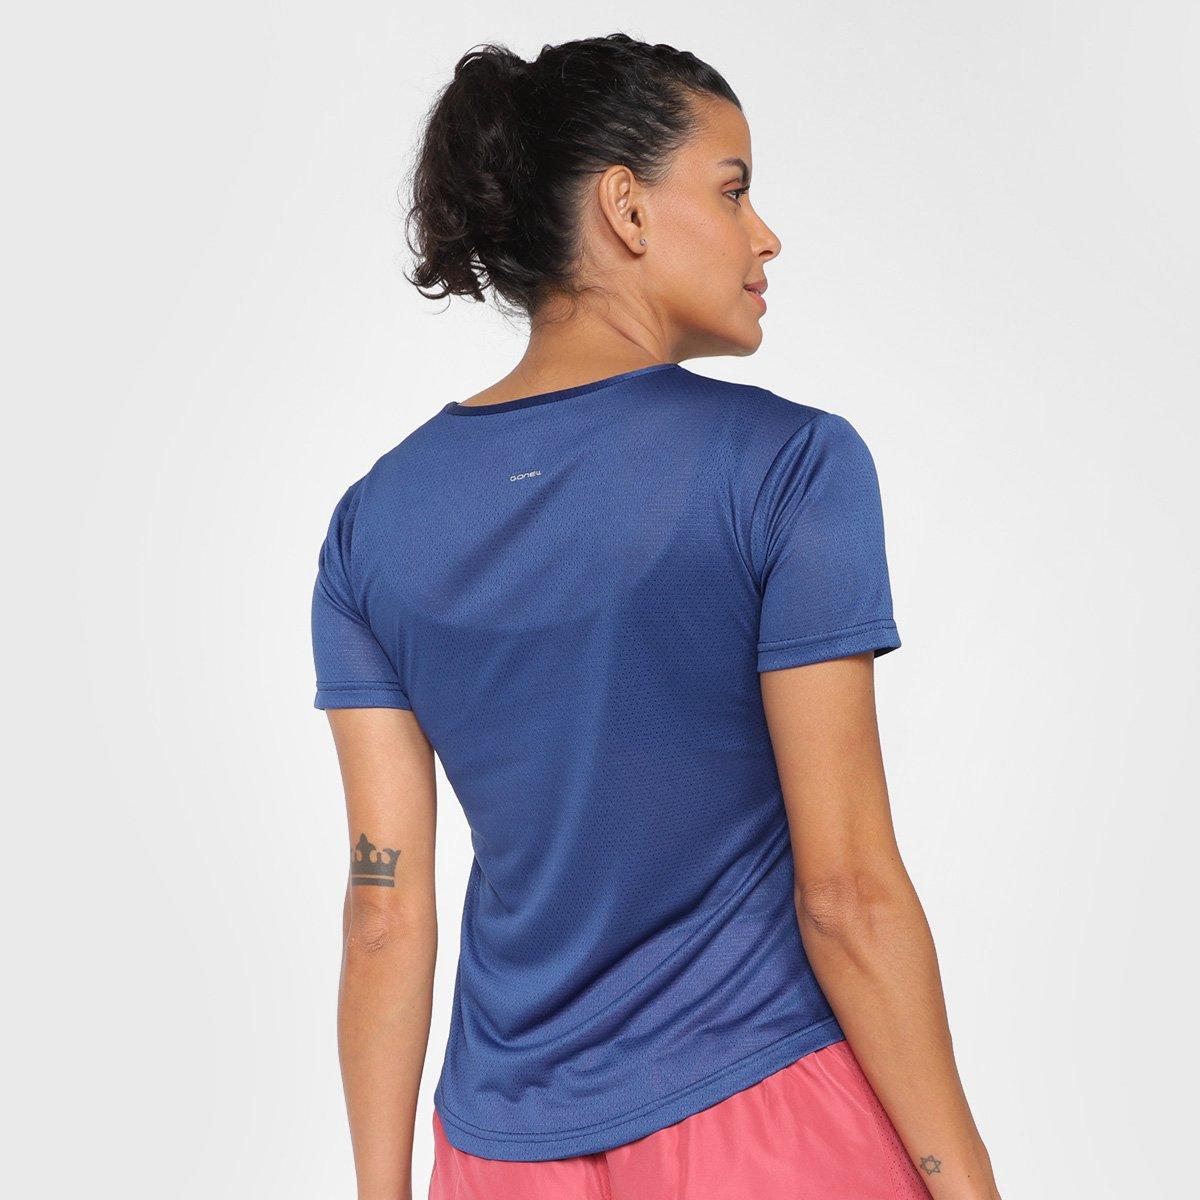 Camiseta Fast Gonew Gonew Marinho Camiseta Feminina Feminina Fast E8qwtBTyy1